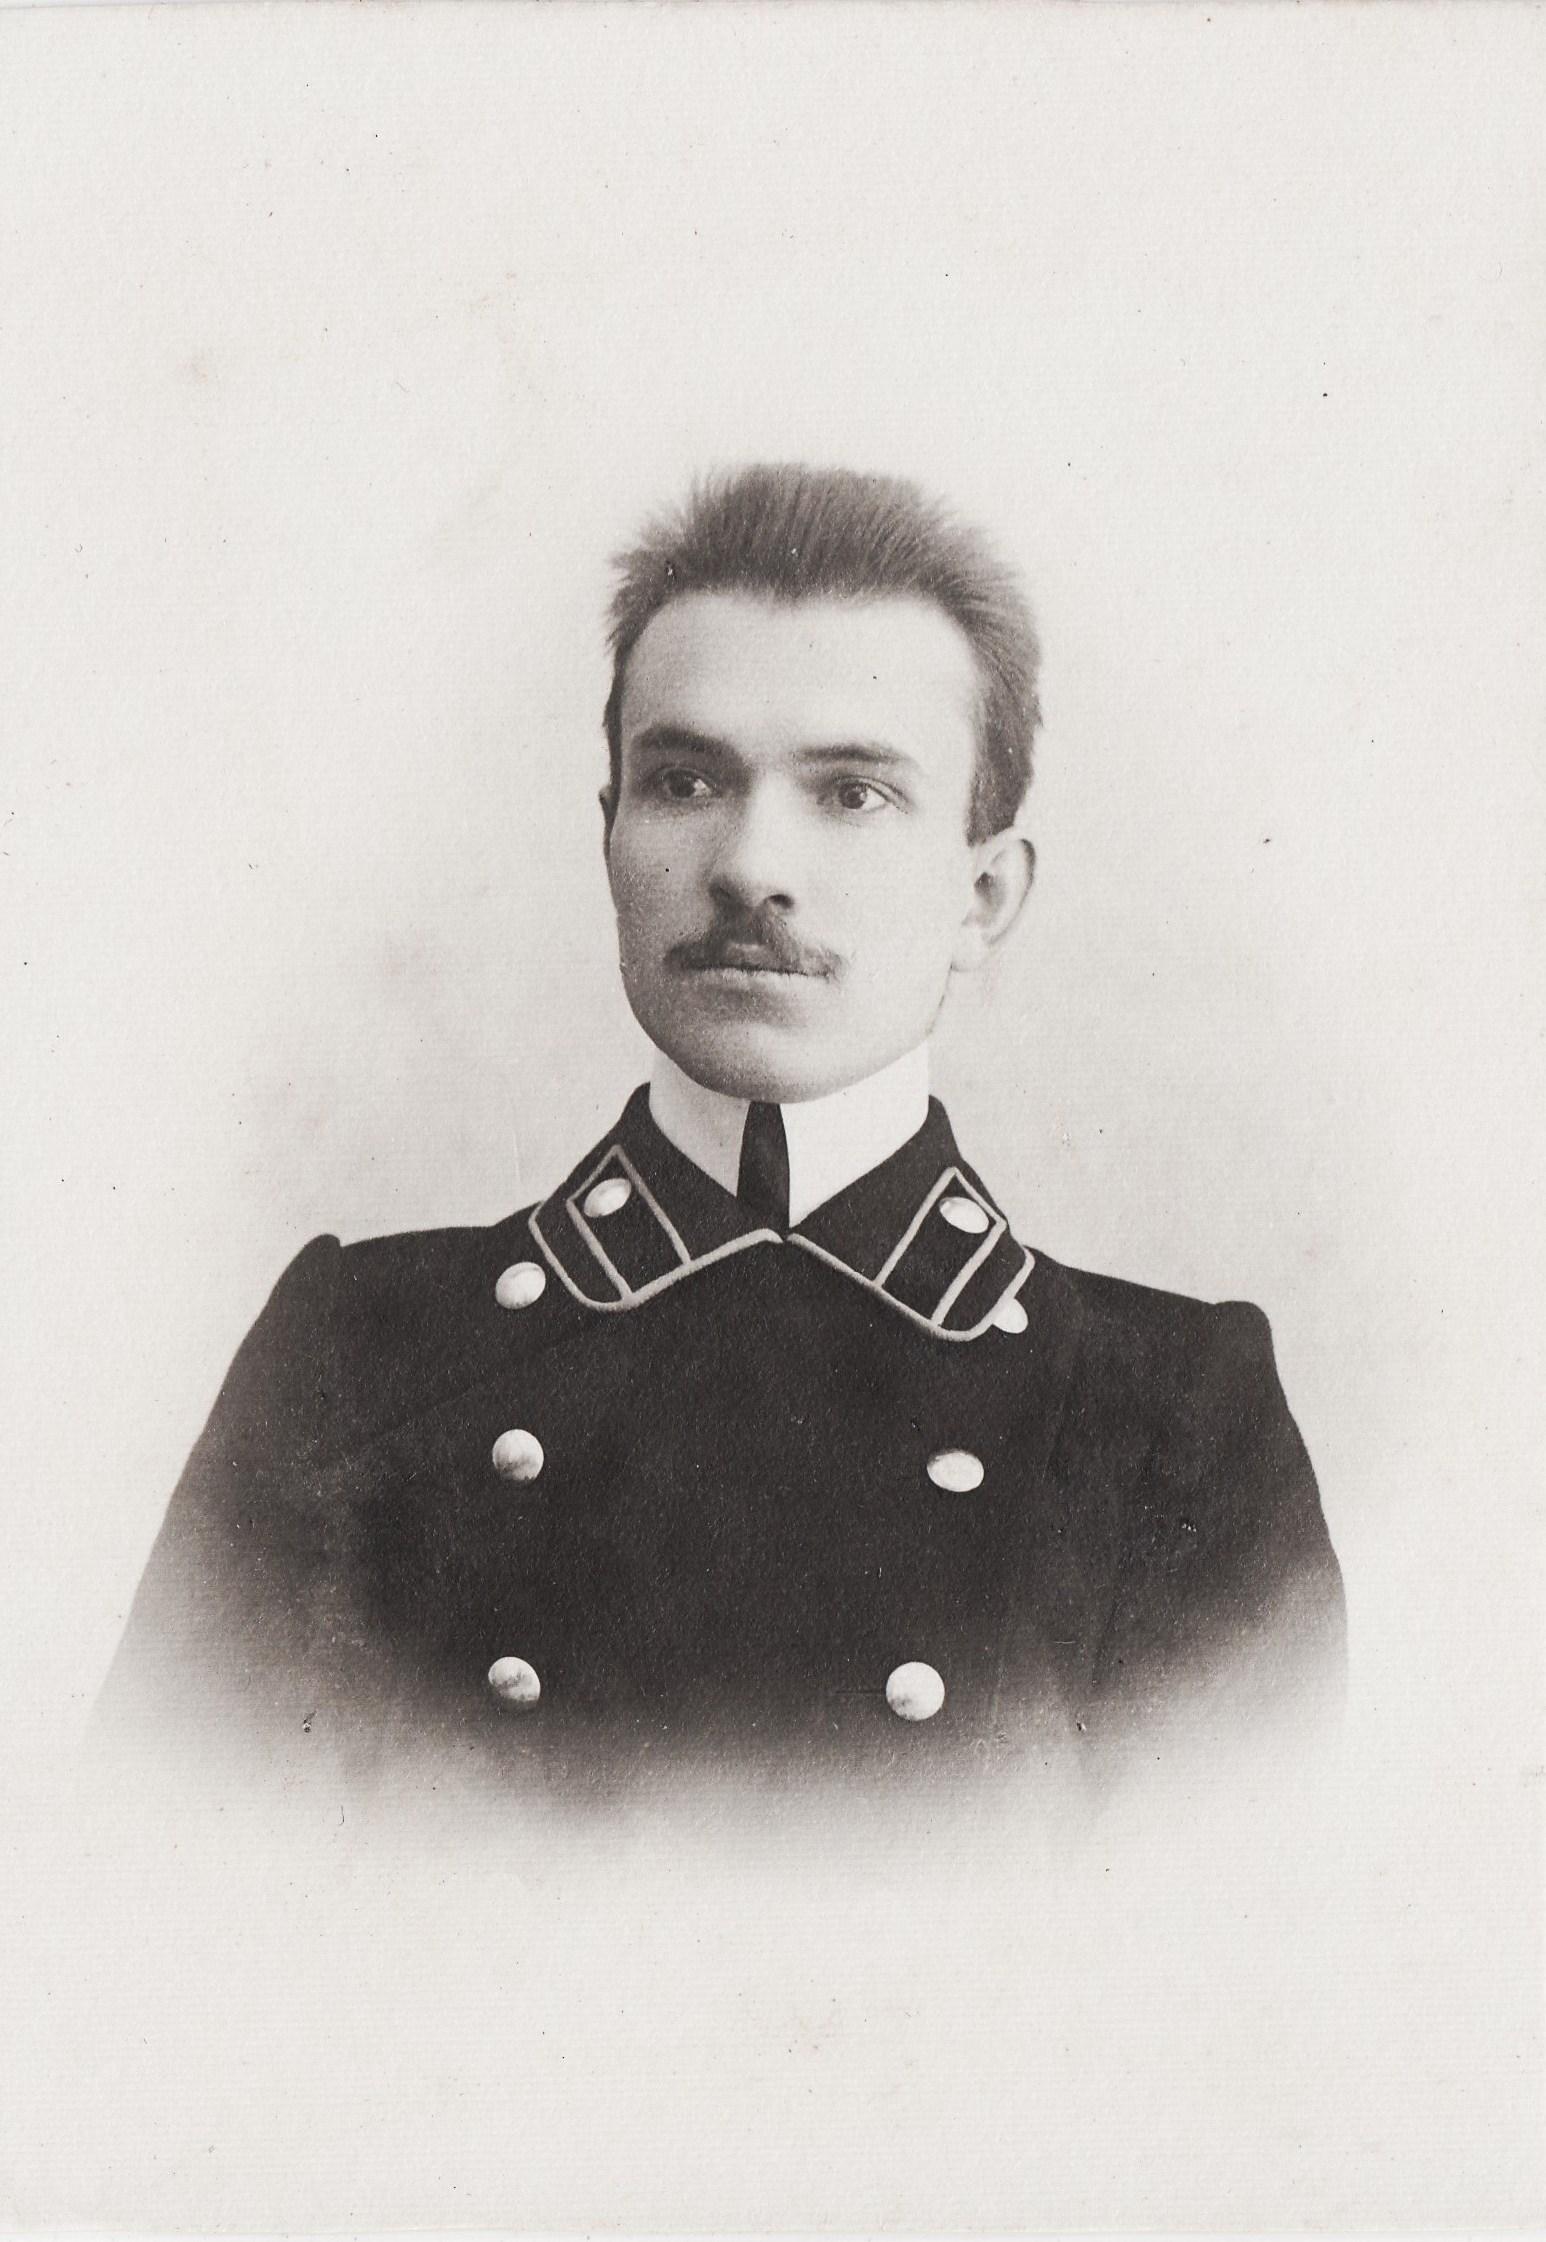 Студент Покровский Василий Васильевич. II отделение 2 разряд